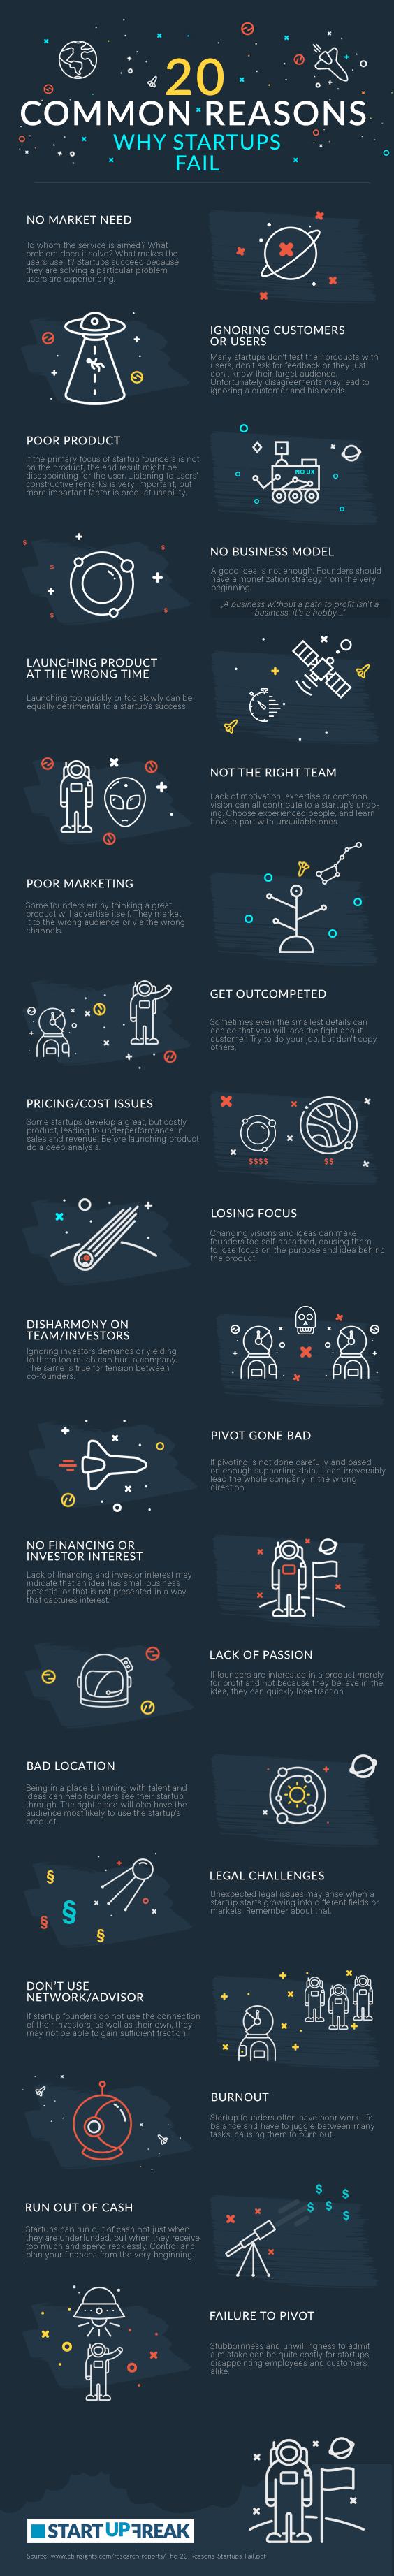 Las 20 principales razones por las que fracasan las startups